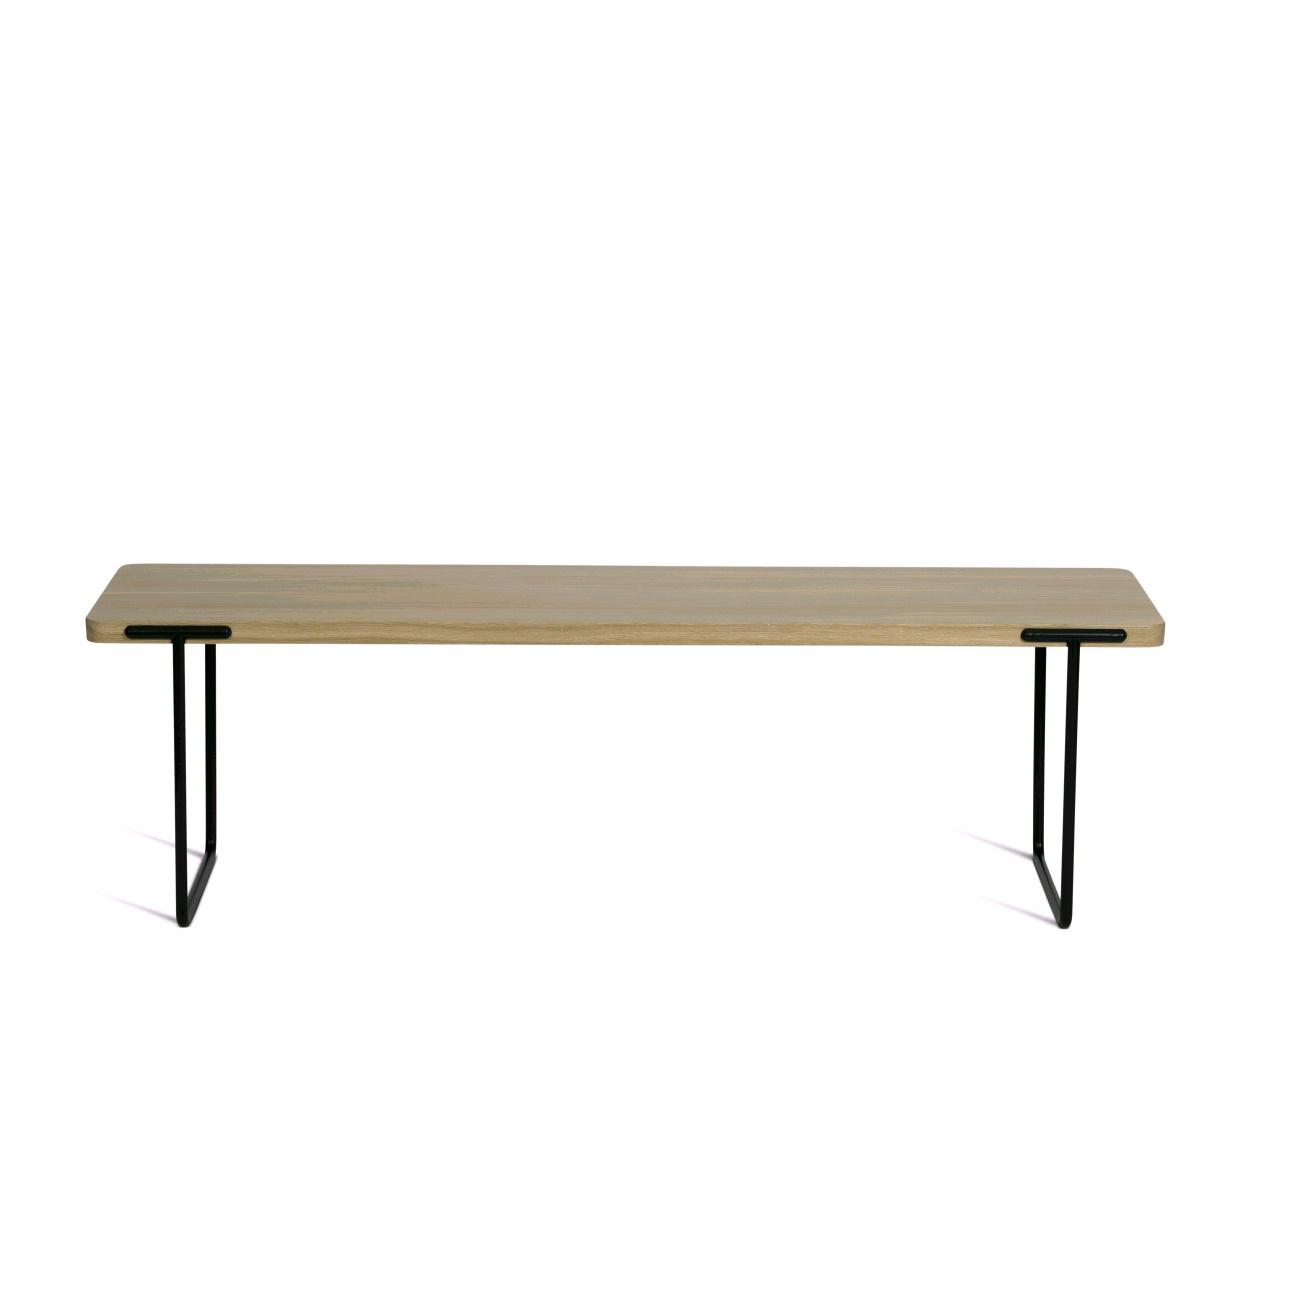 Avlångt soffbord 140 cm  ek, Mavis